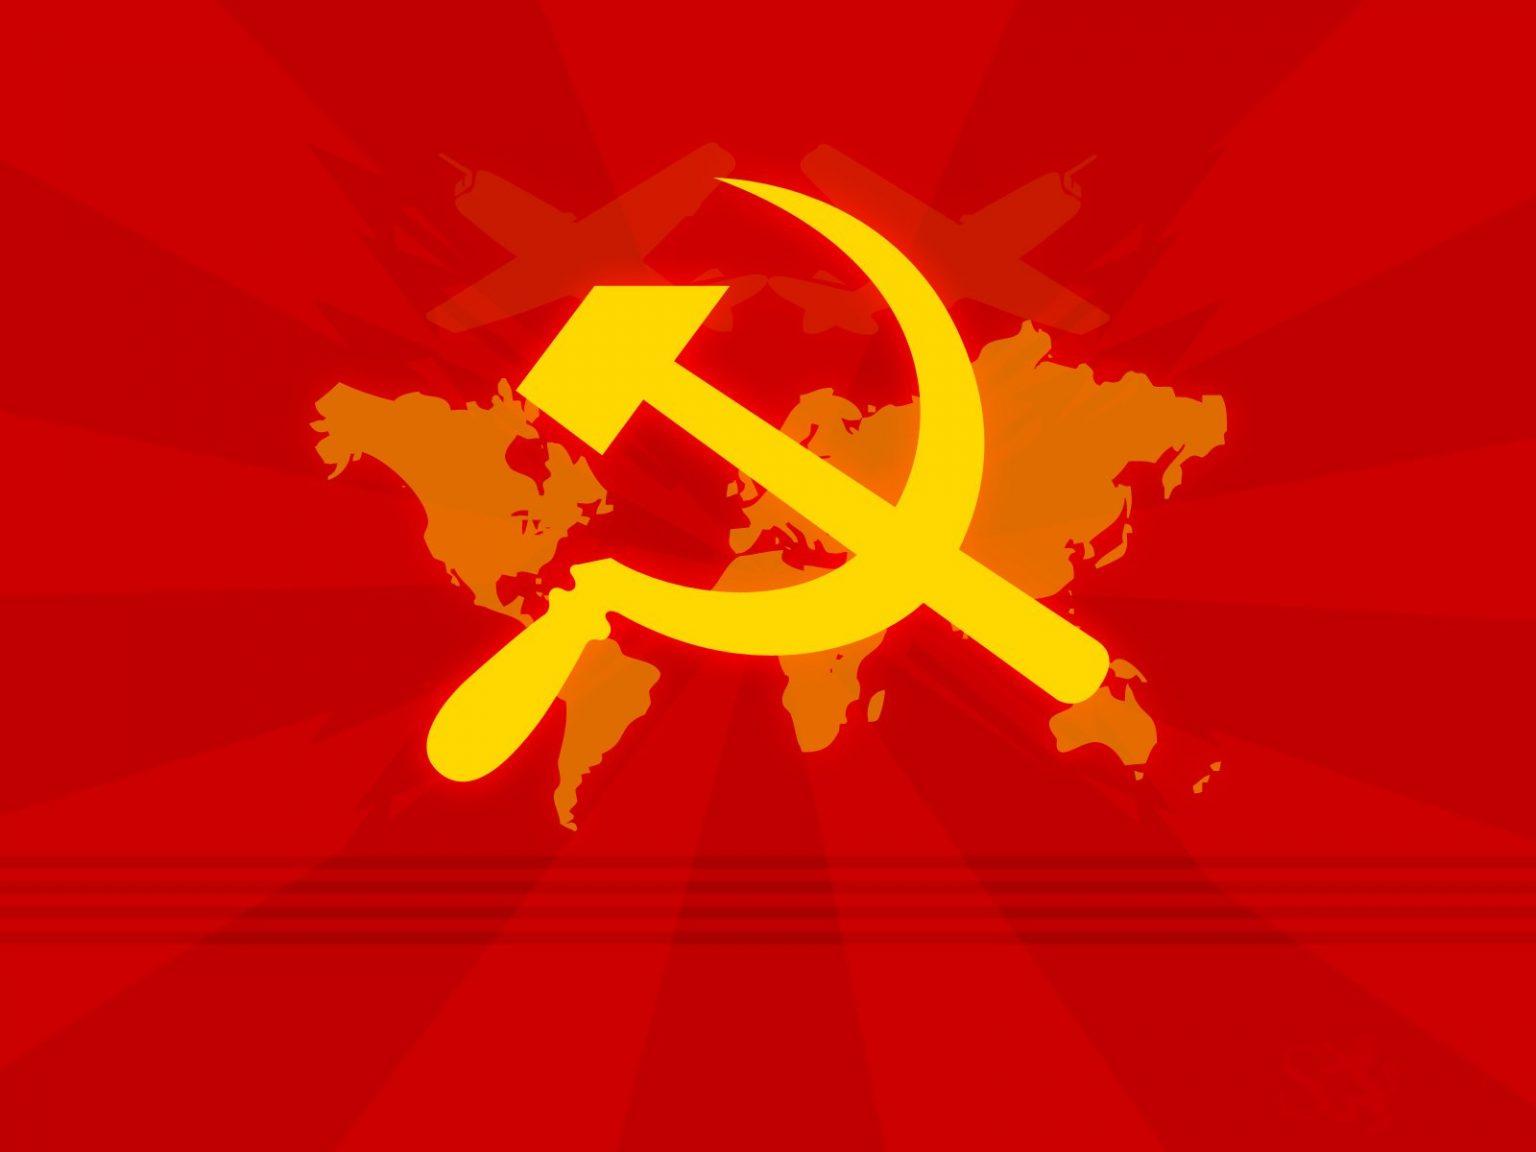 It's All Communism,So Stop Pretending It's Not,fools